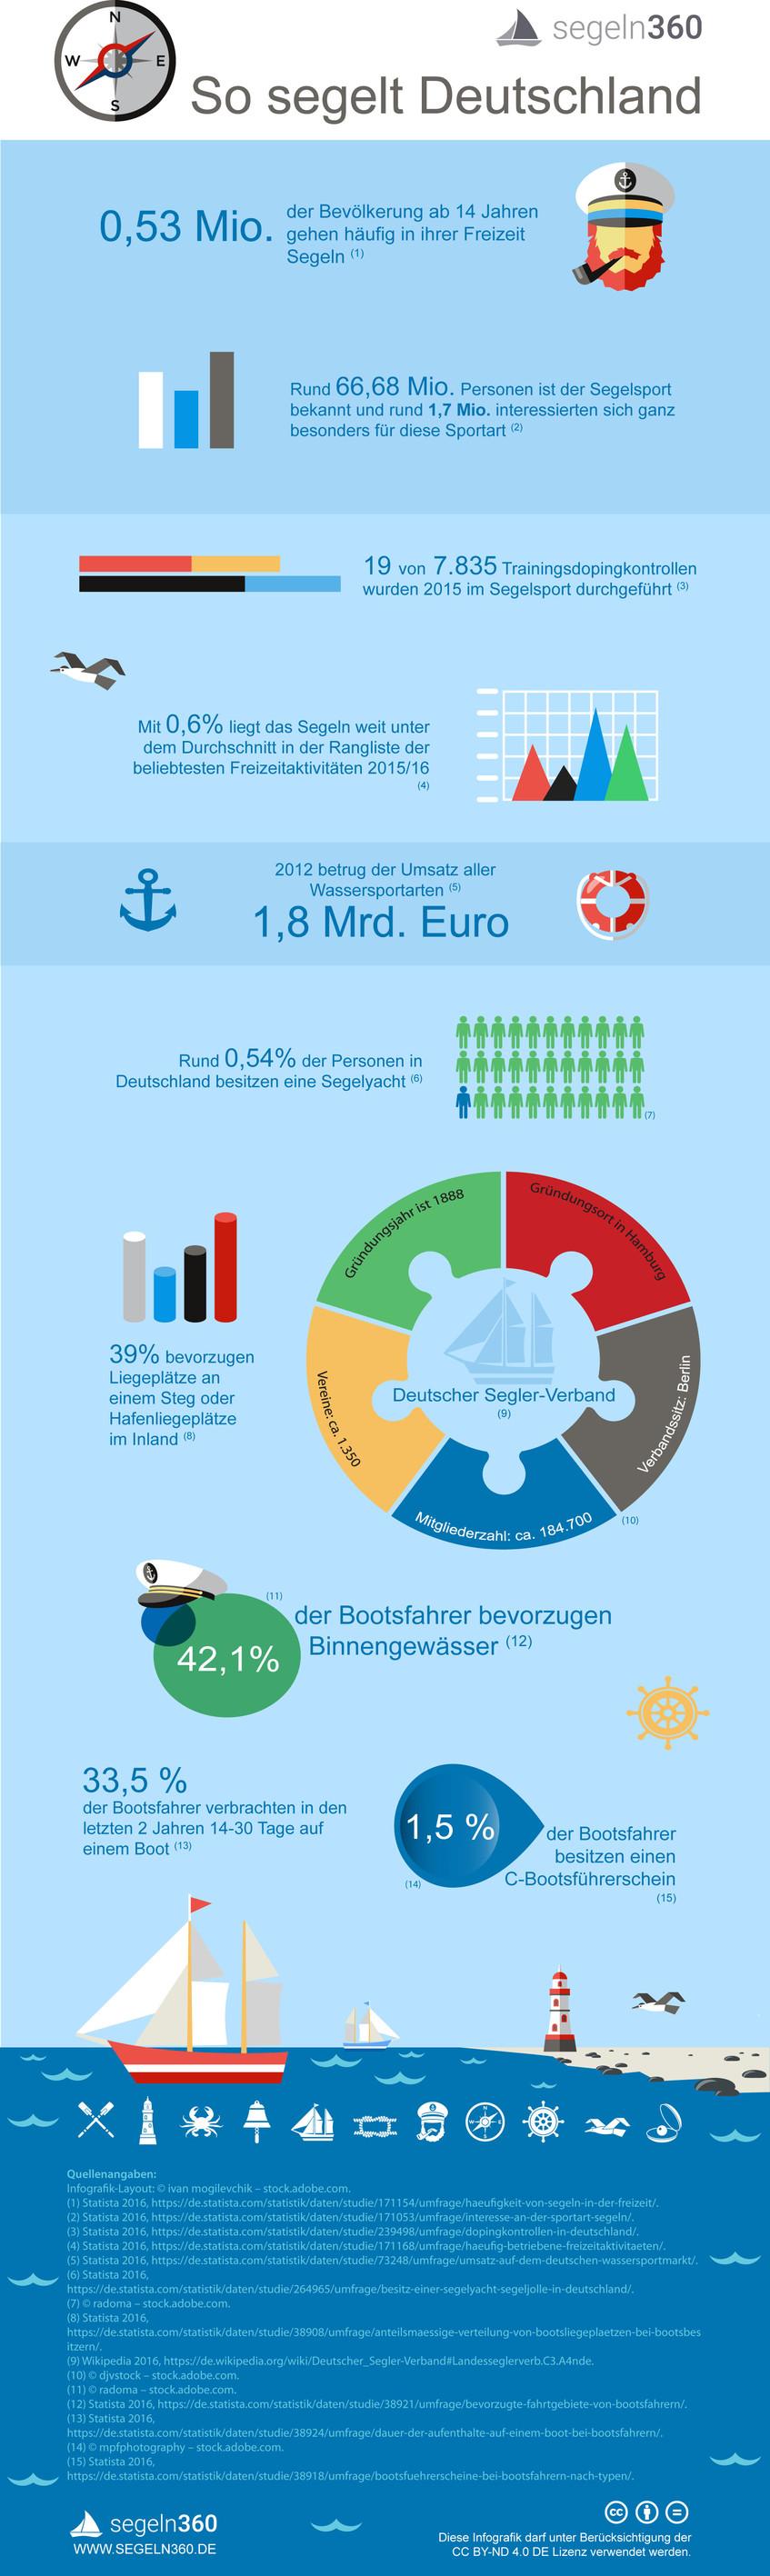 Infografik: So segelt Deutschland